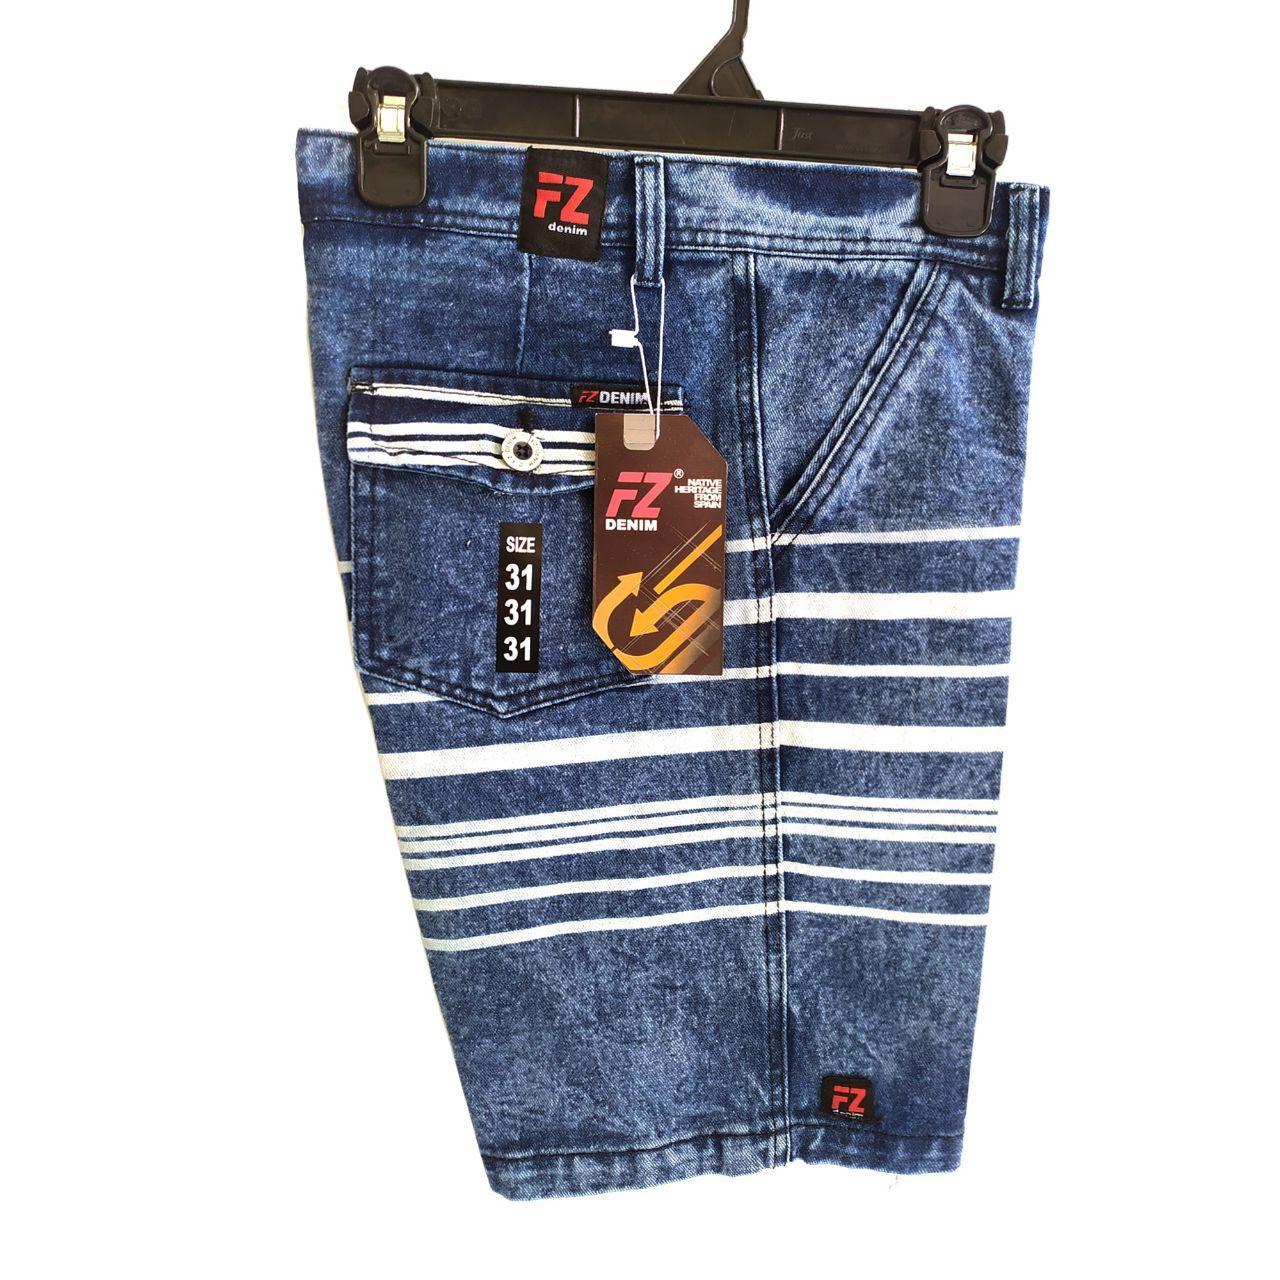 seroja store / celana pendek pria /  celana pendek jeans pria / snow wash / celana denim / celana pendek chinos jeans – reth denim